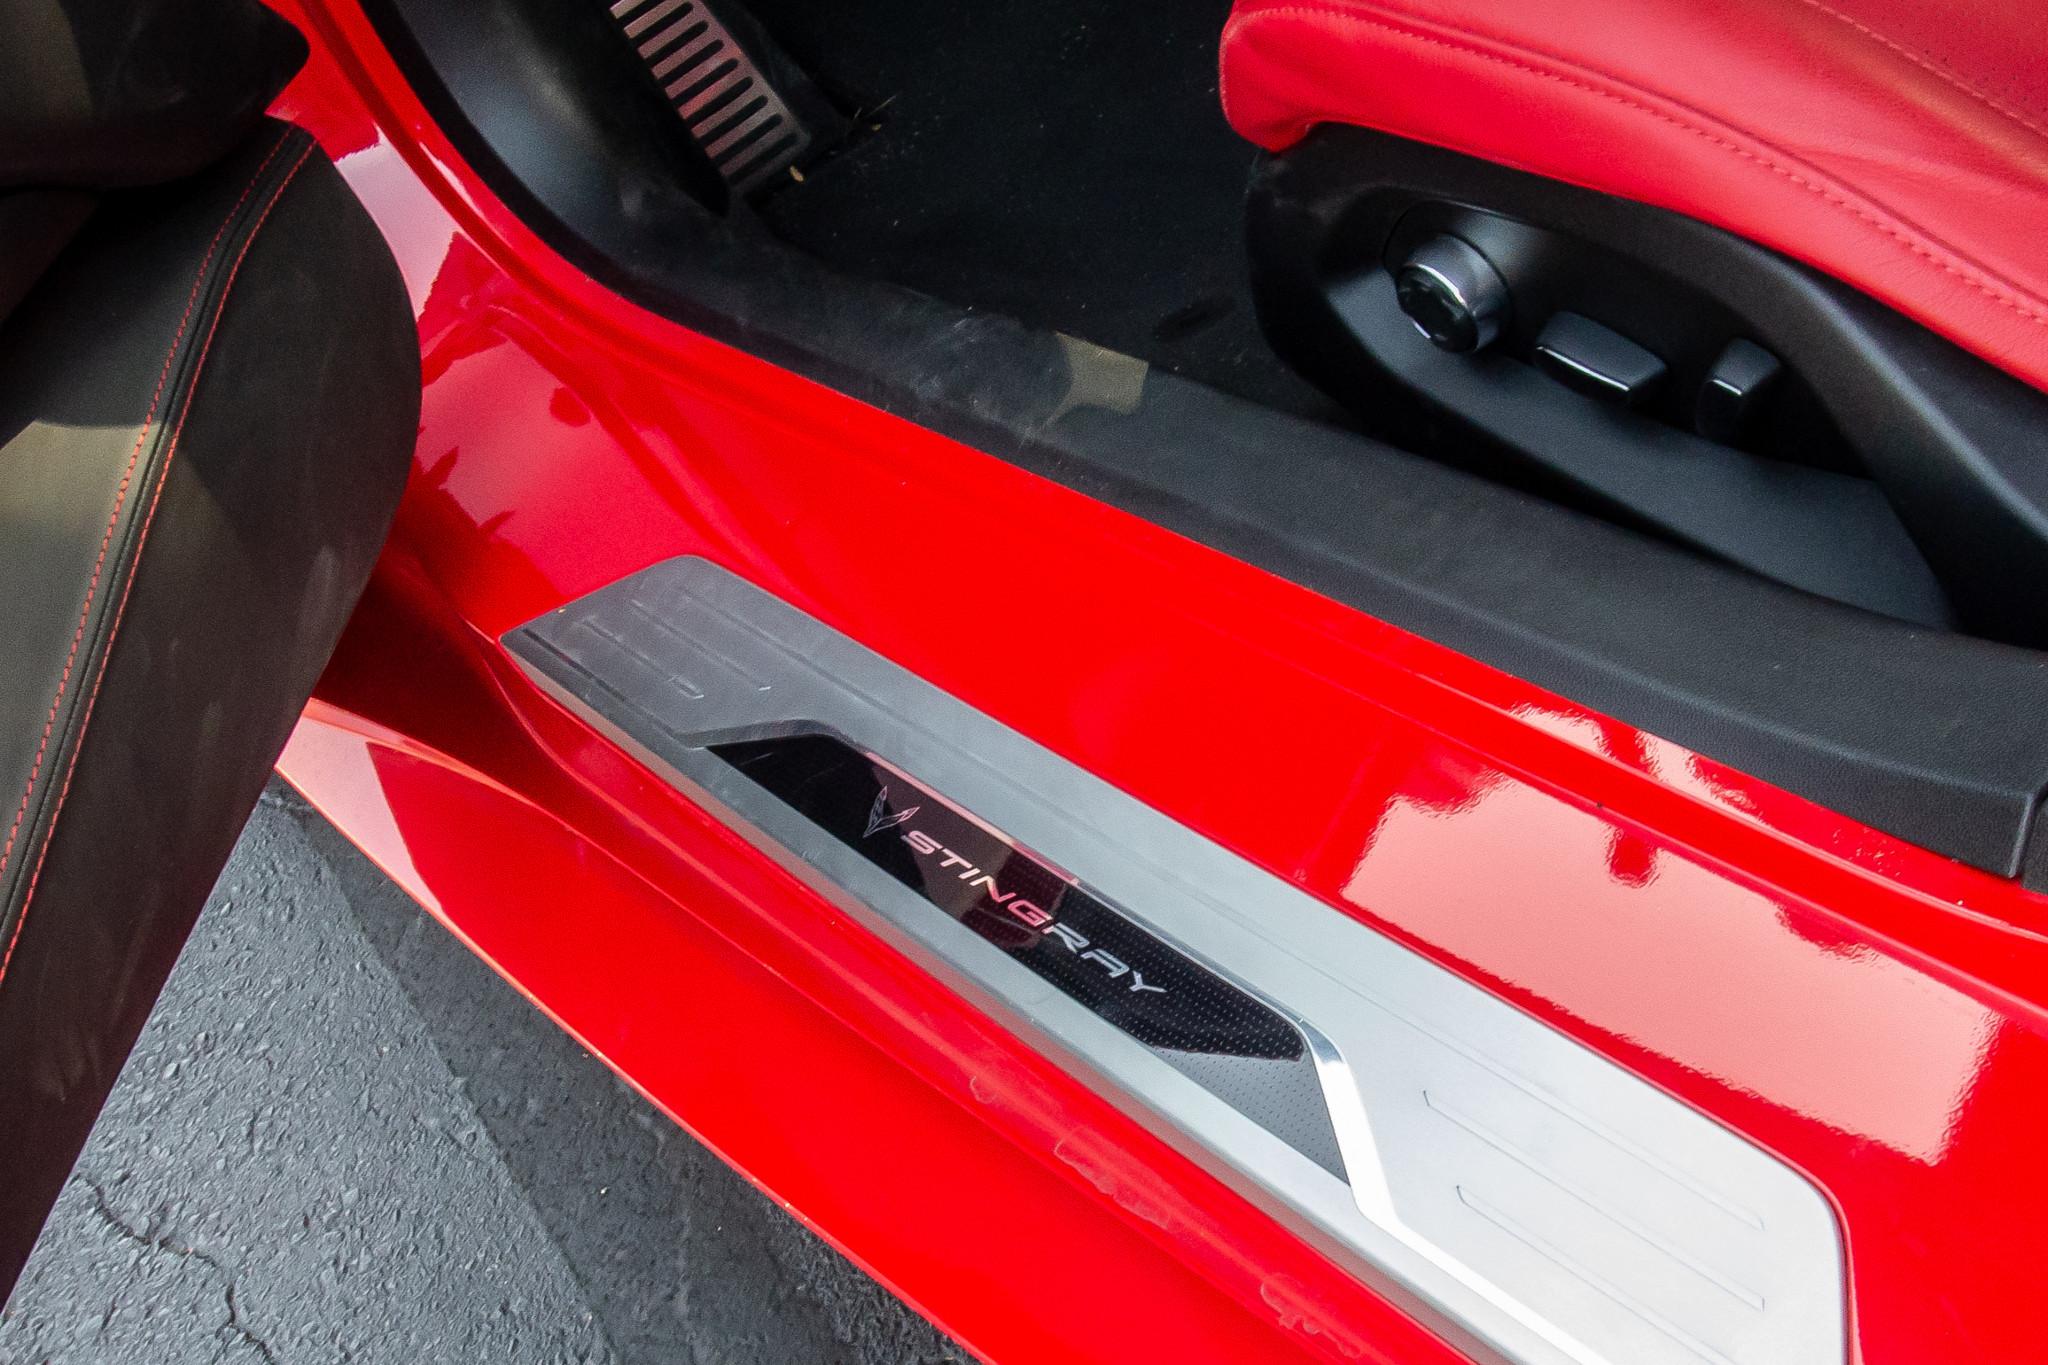 chevrolet-corvette-z51-2020-26-badge--doors--interior.jpg